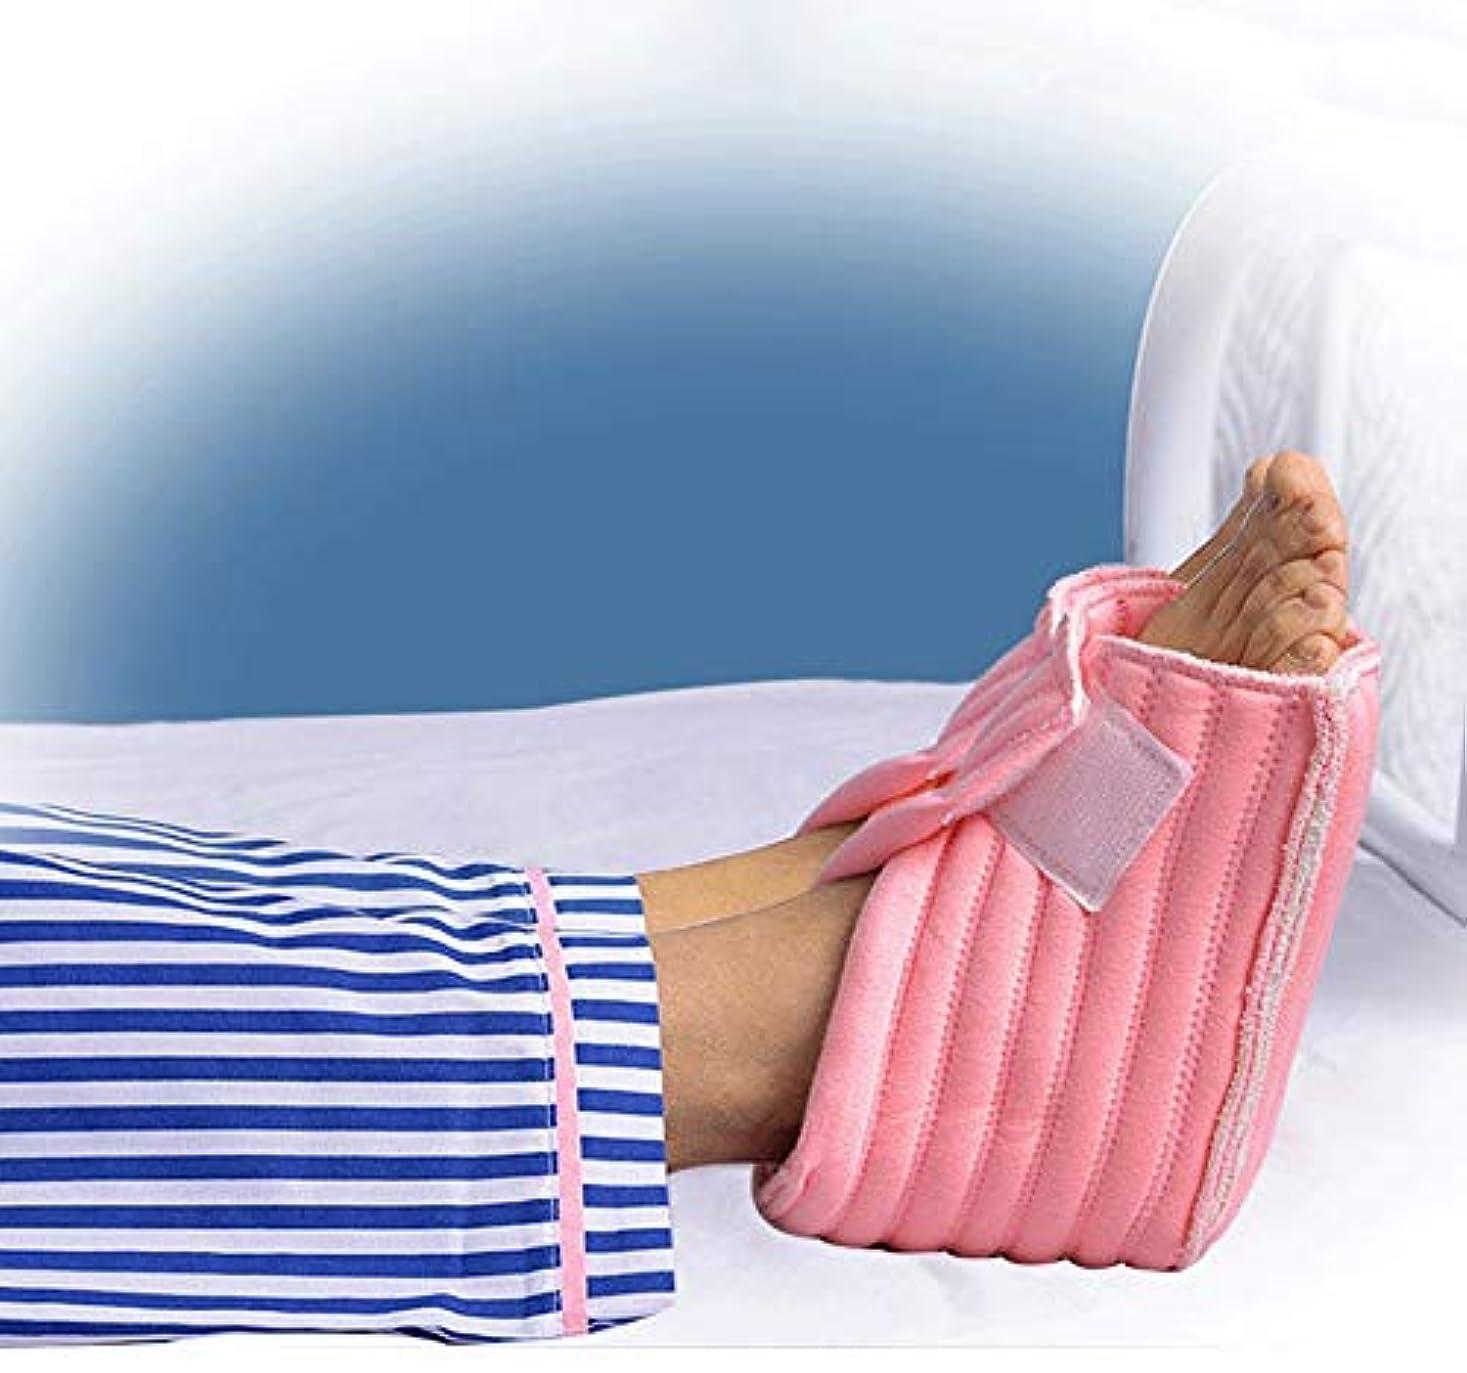 保証ジャグリング変なかかとプロテクター枕、Pressure瘡の予防のための足枕かかとクッションプロテクター、高齢者の足補正カバー-ワンサイズフィットすべて-1ペア